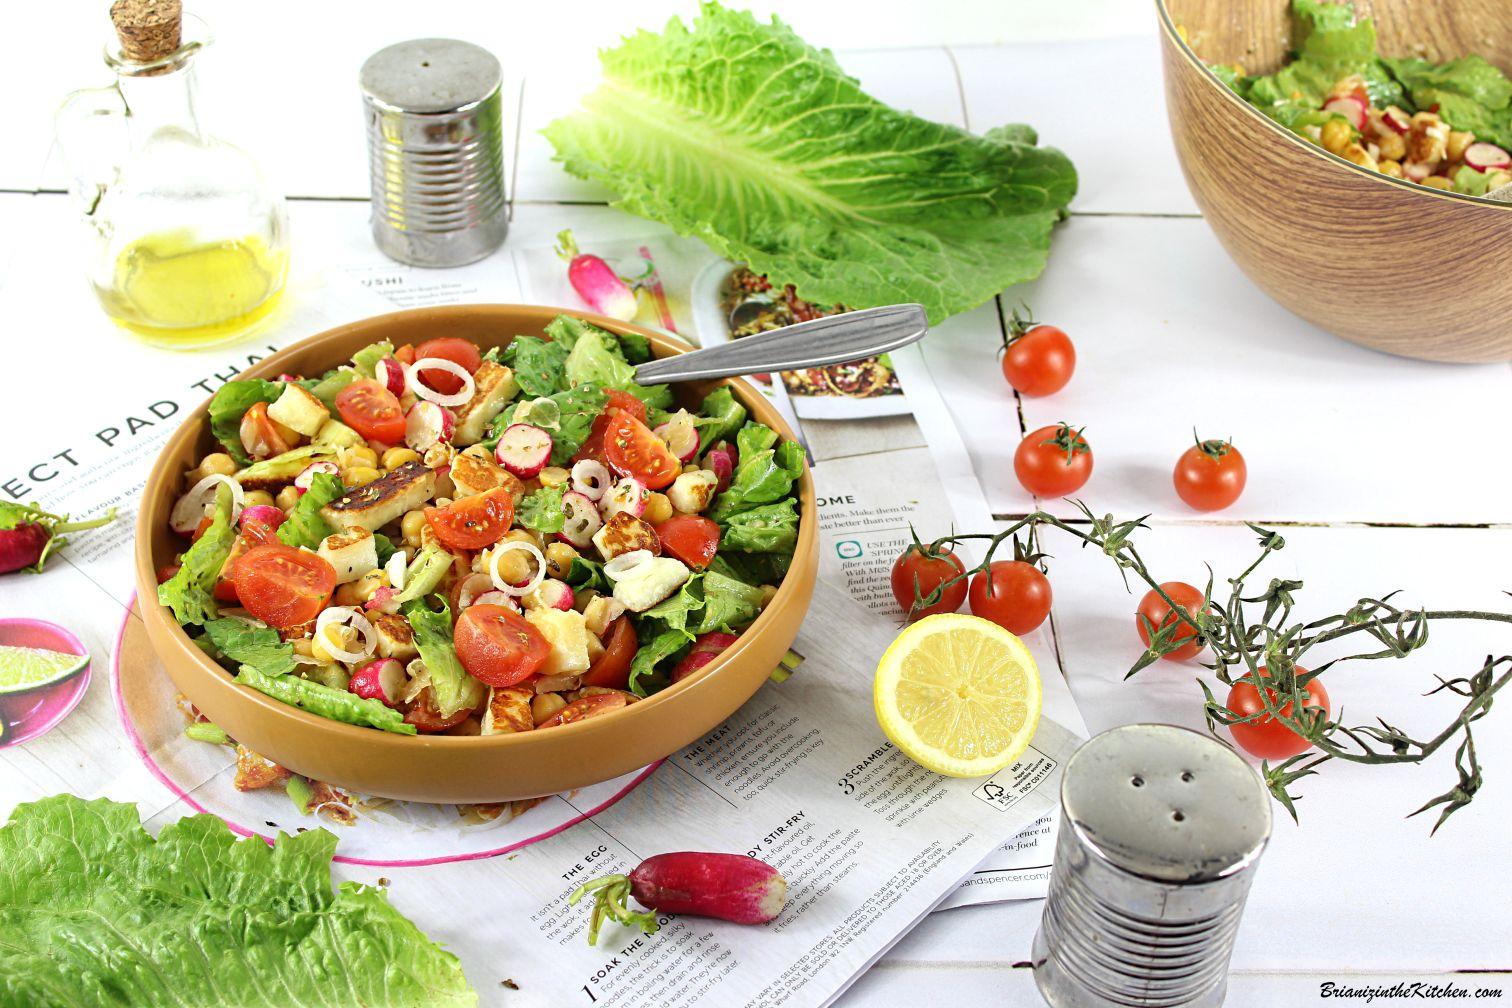 Salade de Pois Chiches, Halloumi, Radis and Co